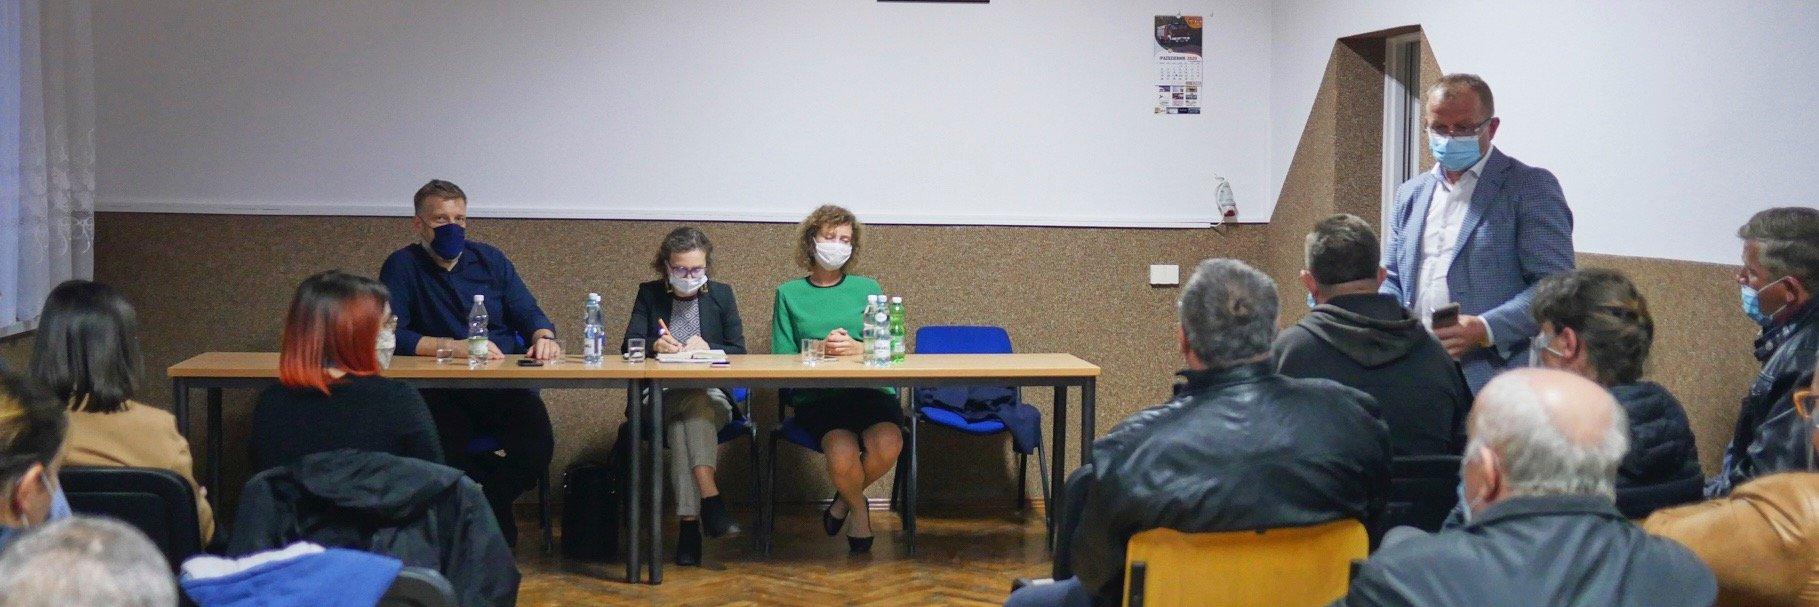 """""""Biznes to nie jest święta krowa"""". Gosek-Popiołek i Zandberg interweniują w powiecie nowosądeckim."""